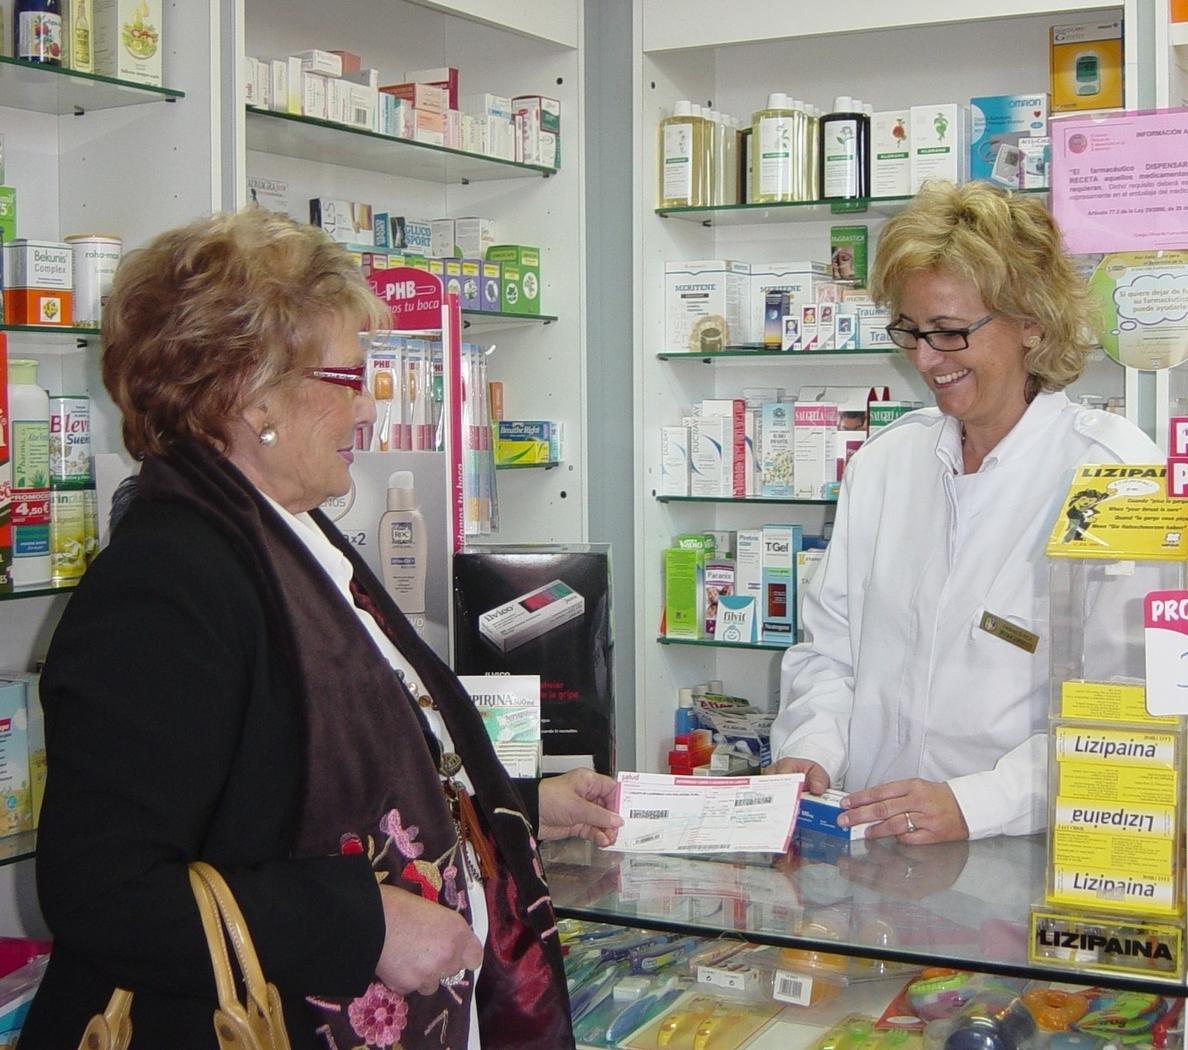 Las mujeres mayores de 65 años gastaron en 2013 casi 370 euros en las farmacias, 100 más que el año anterior